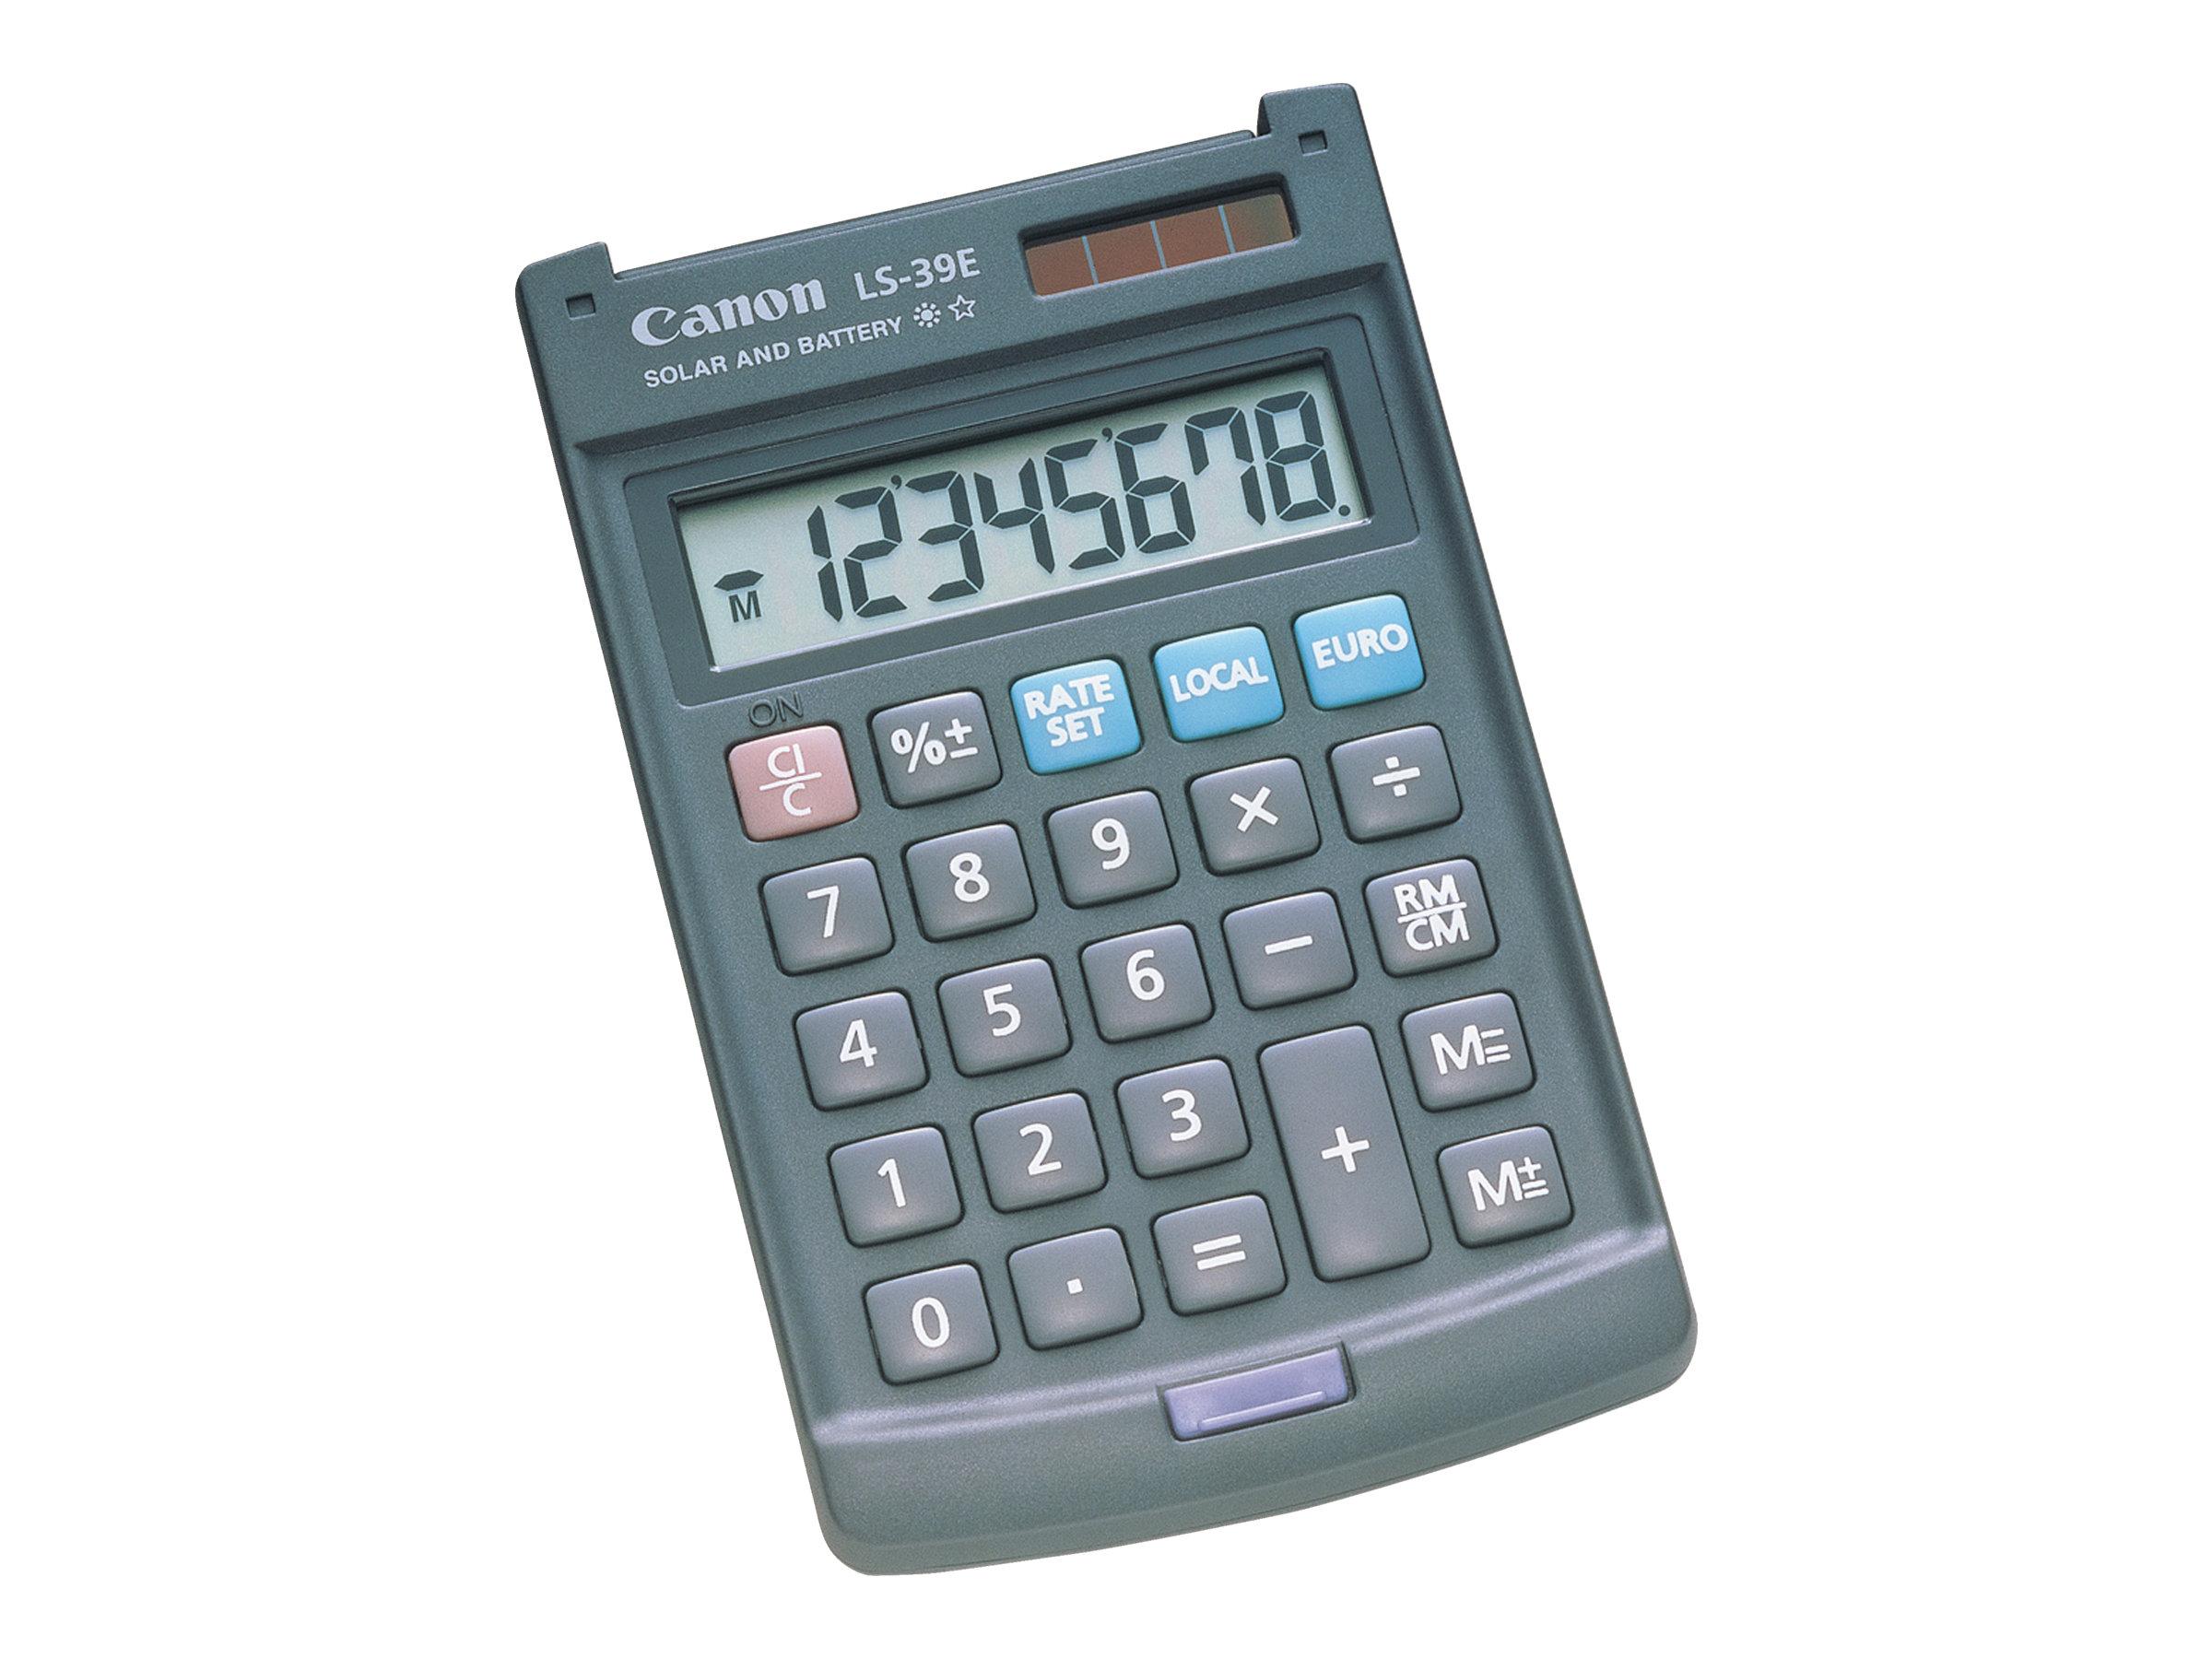 Calculatrice de bureau Canon LS-39E - 8 chiffres - alimentation batterie et solaire